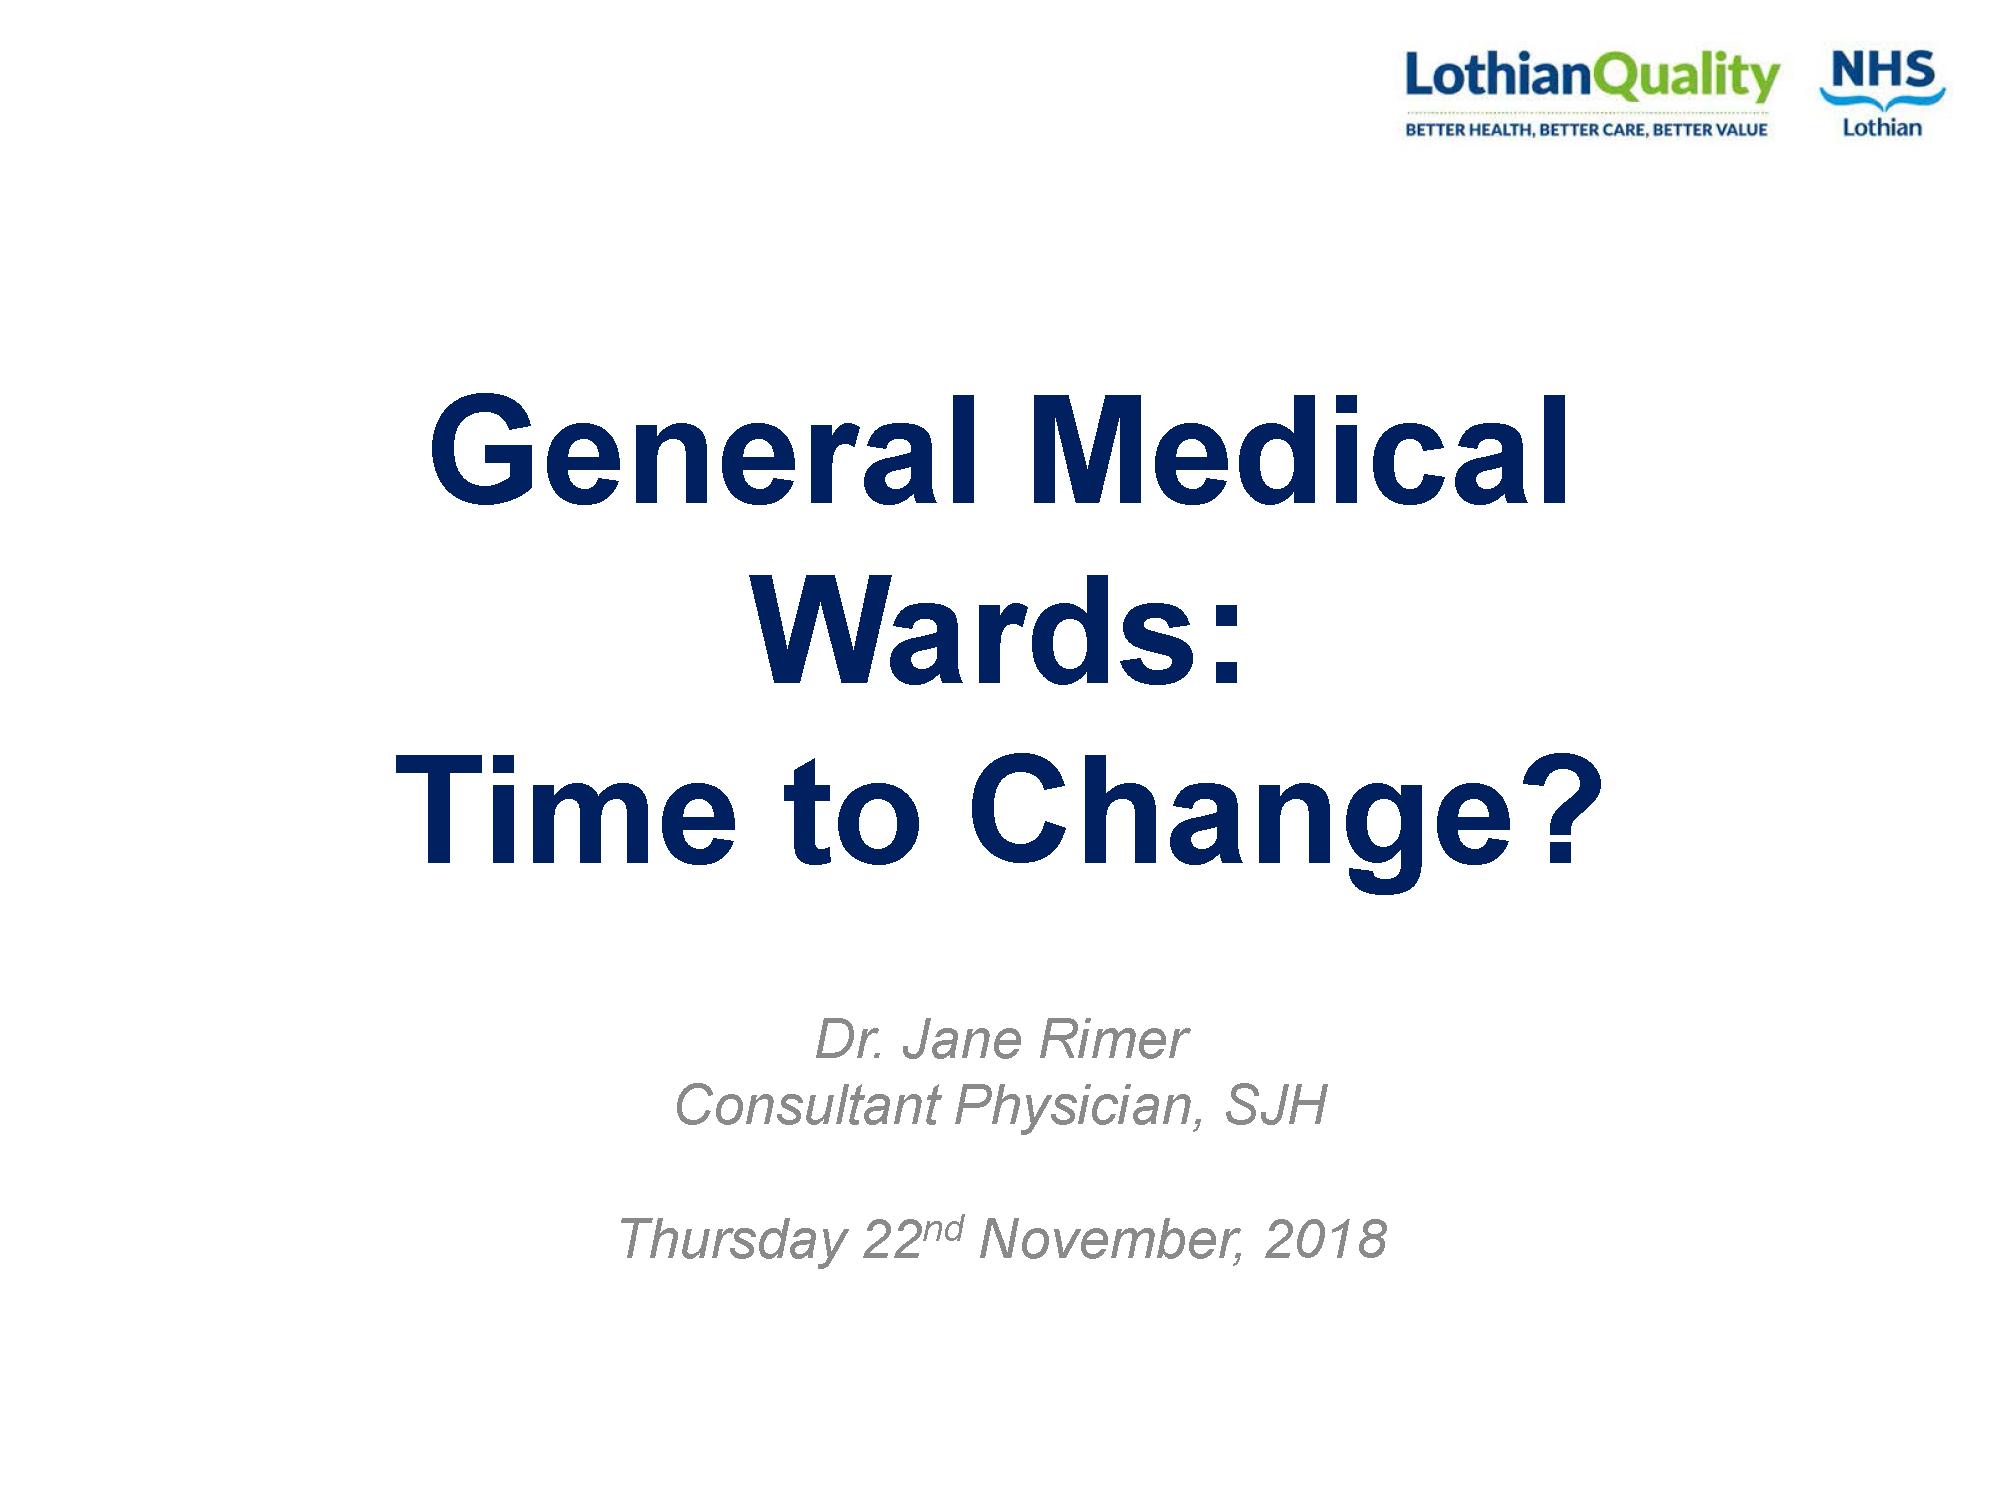 General Medical Wards.png